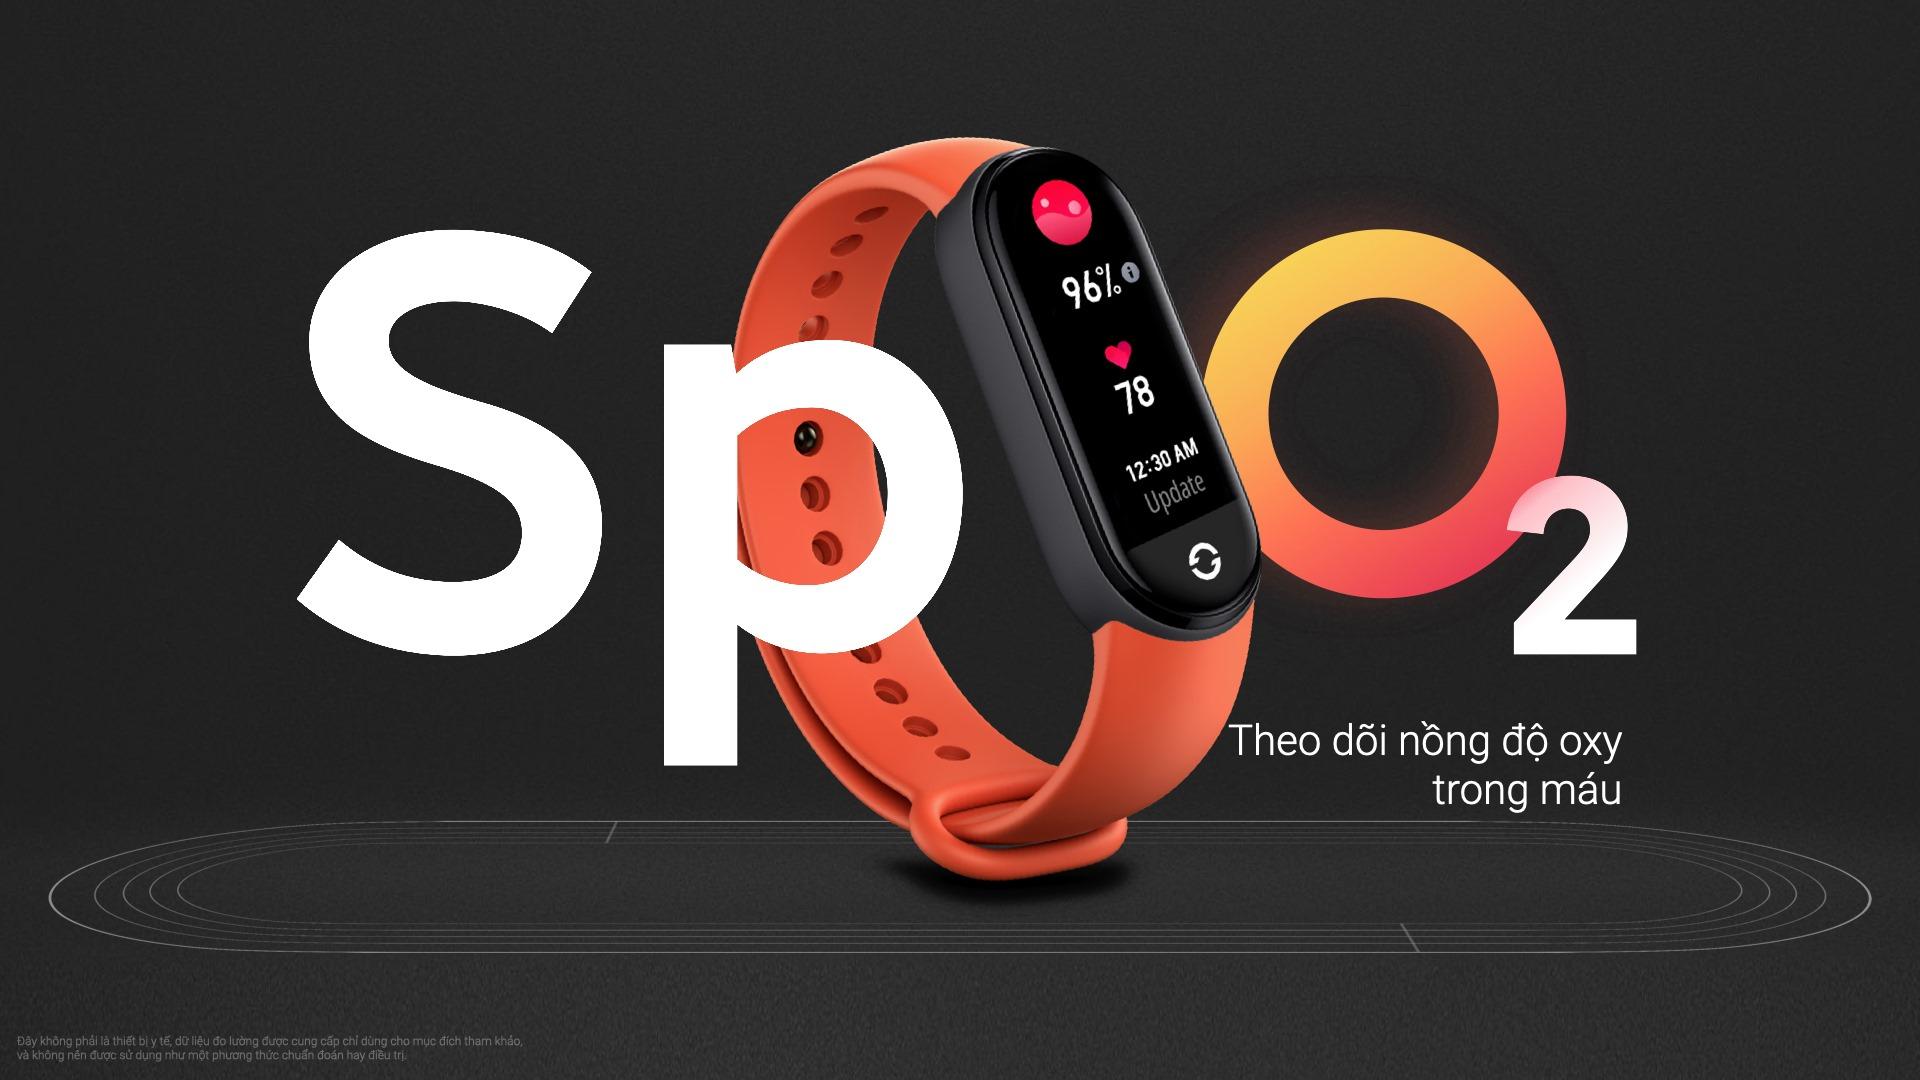 Xiaomi ra mắt Mi Band 6 tại VN: Màn hình màu AMOLED tràn viền, đo SpO2, pin 14 ngày, giá 1.29 triệu đồng - Ảnh 6.